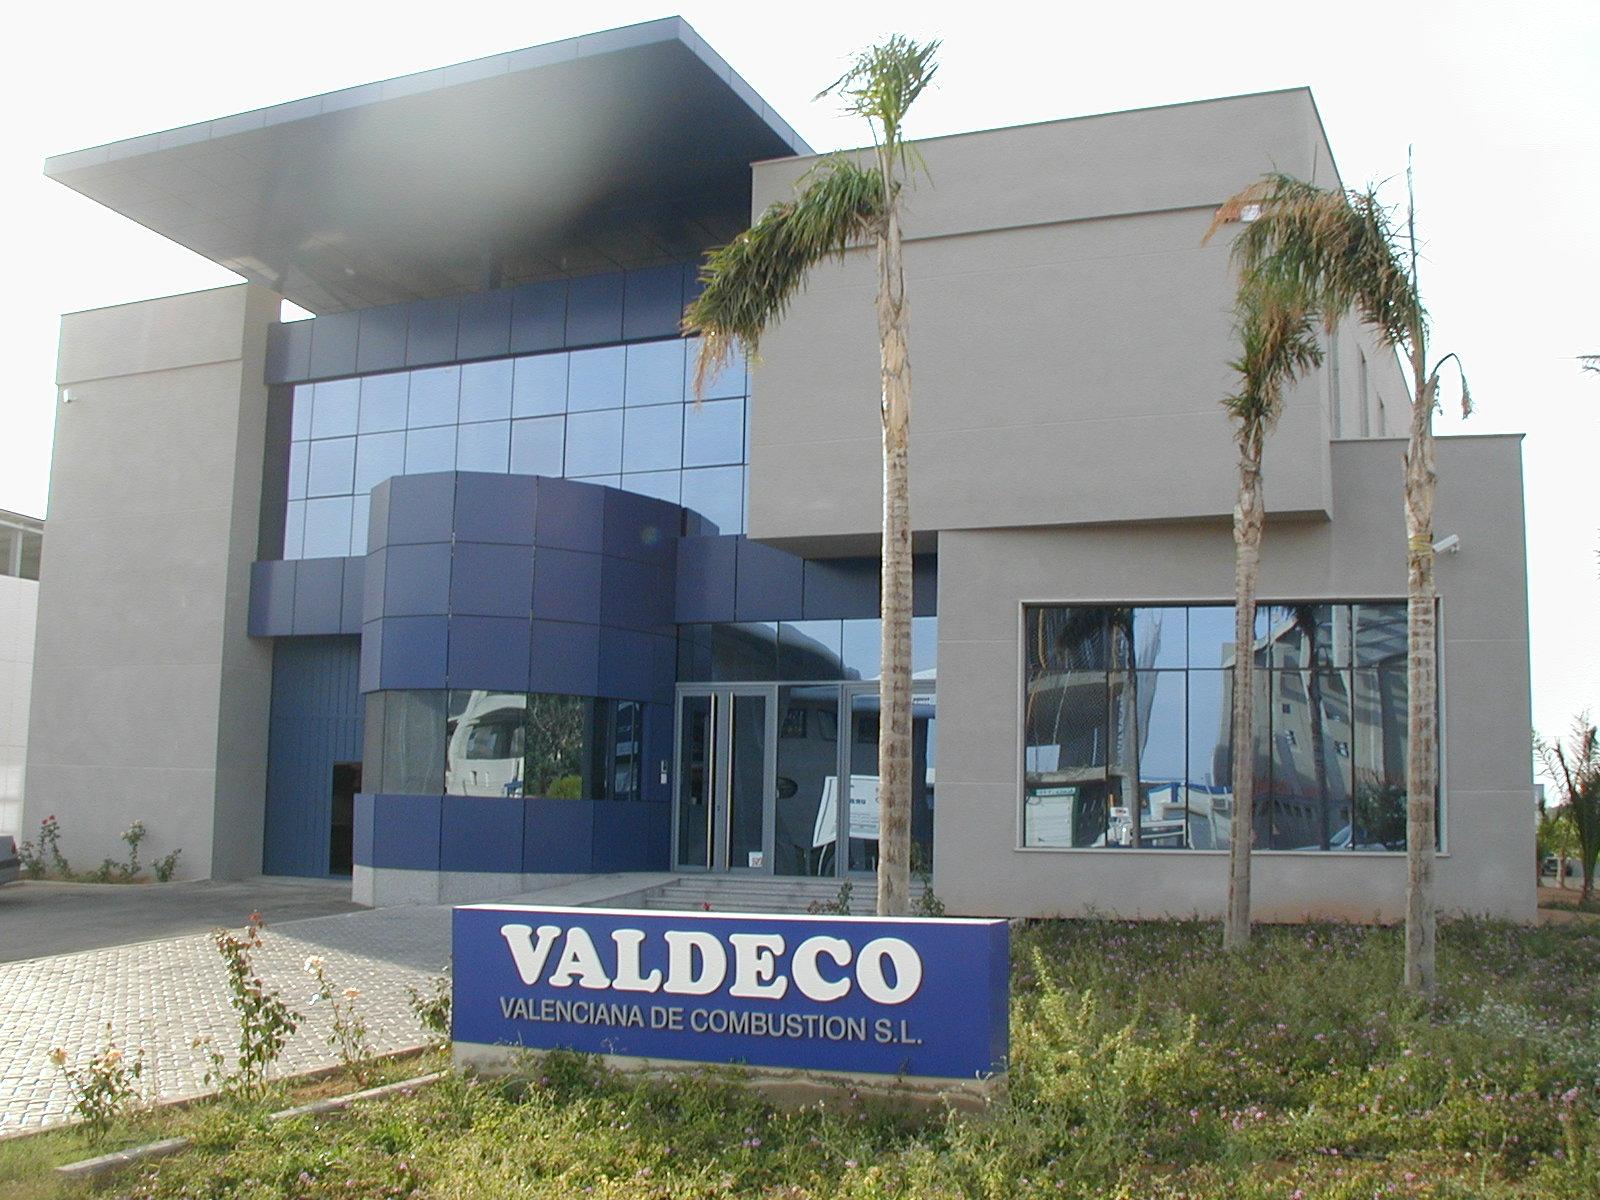 Imagen de Valdeco